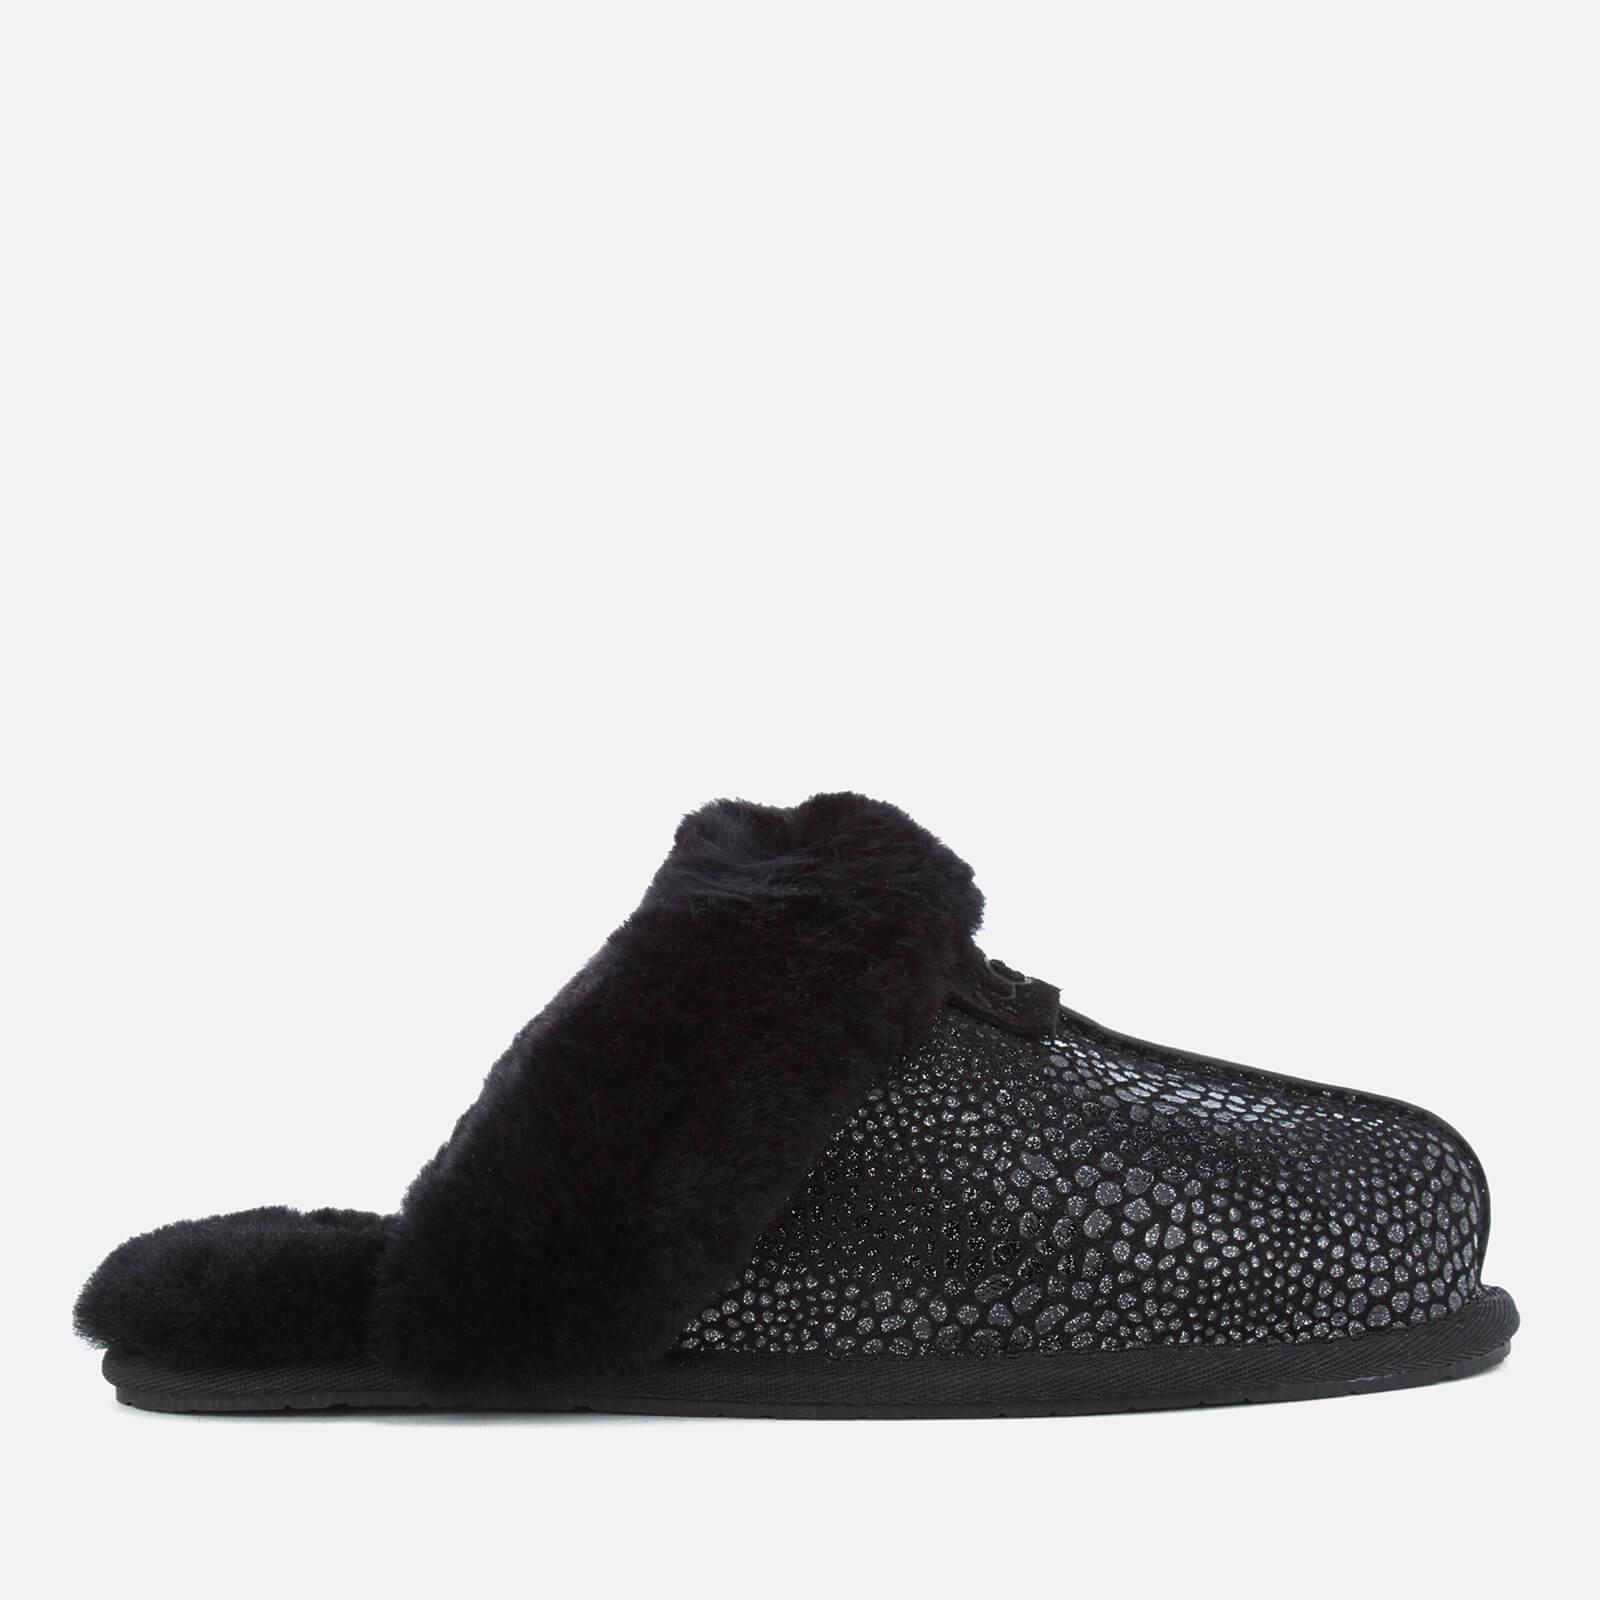 261a615c62f UGG Women's Scuffette II Glitzy Sheepskin Slippers - Black